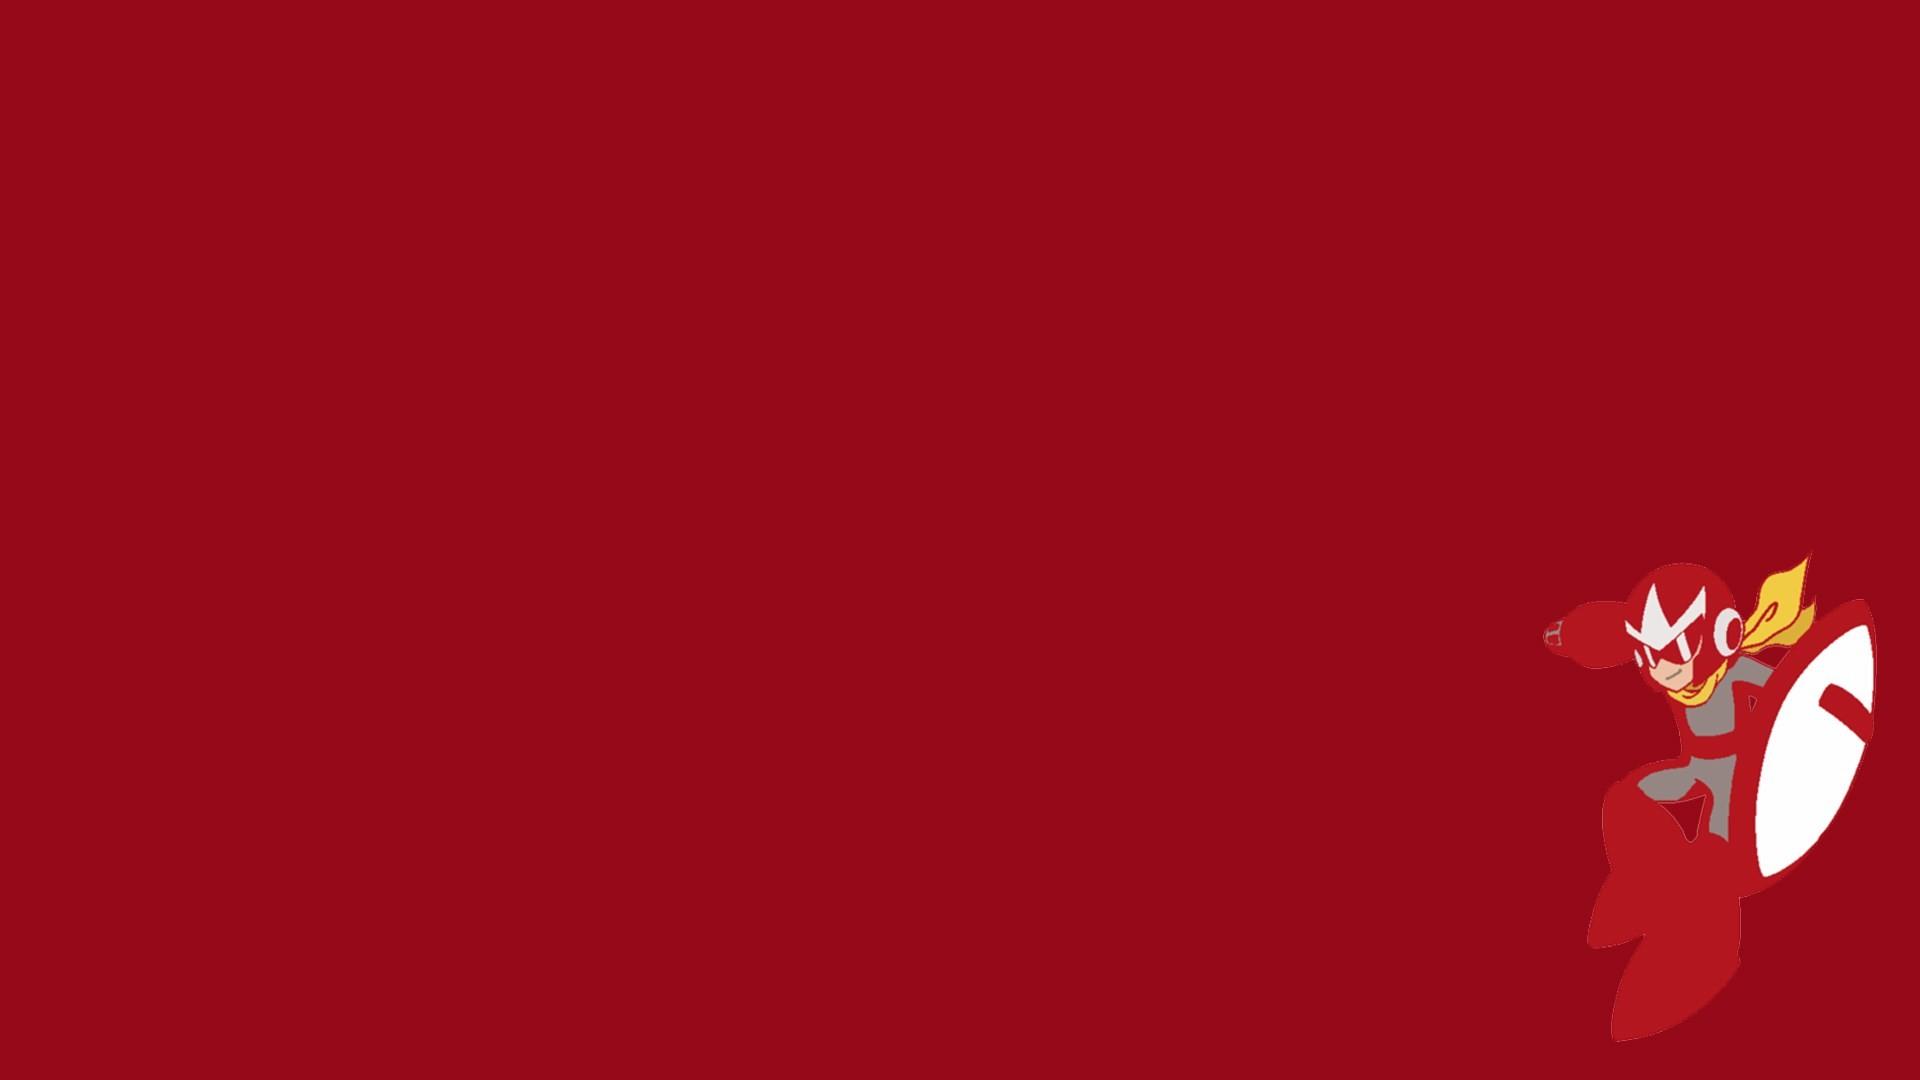 #1709612, mega man category – Images for Desktop: mega man wallpaper